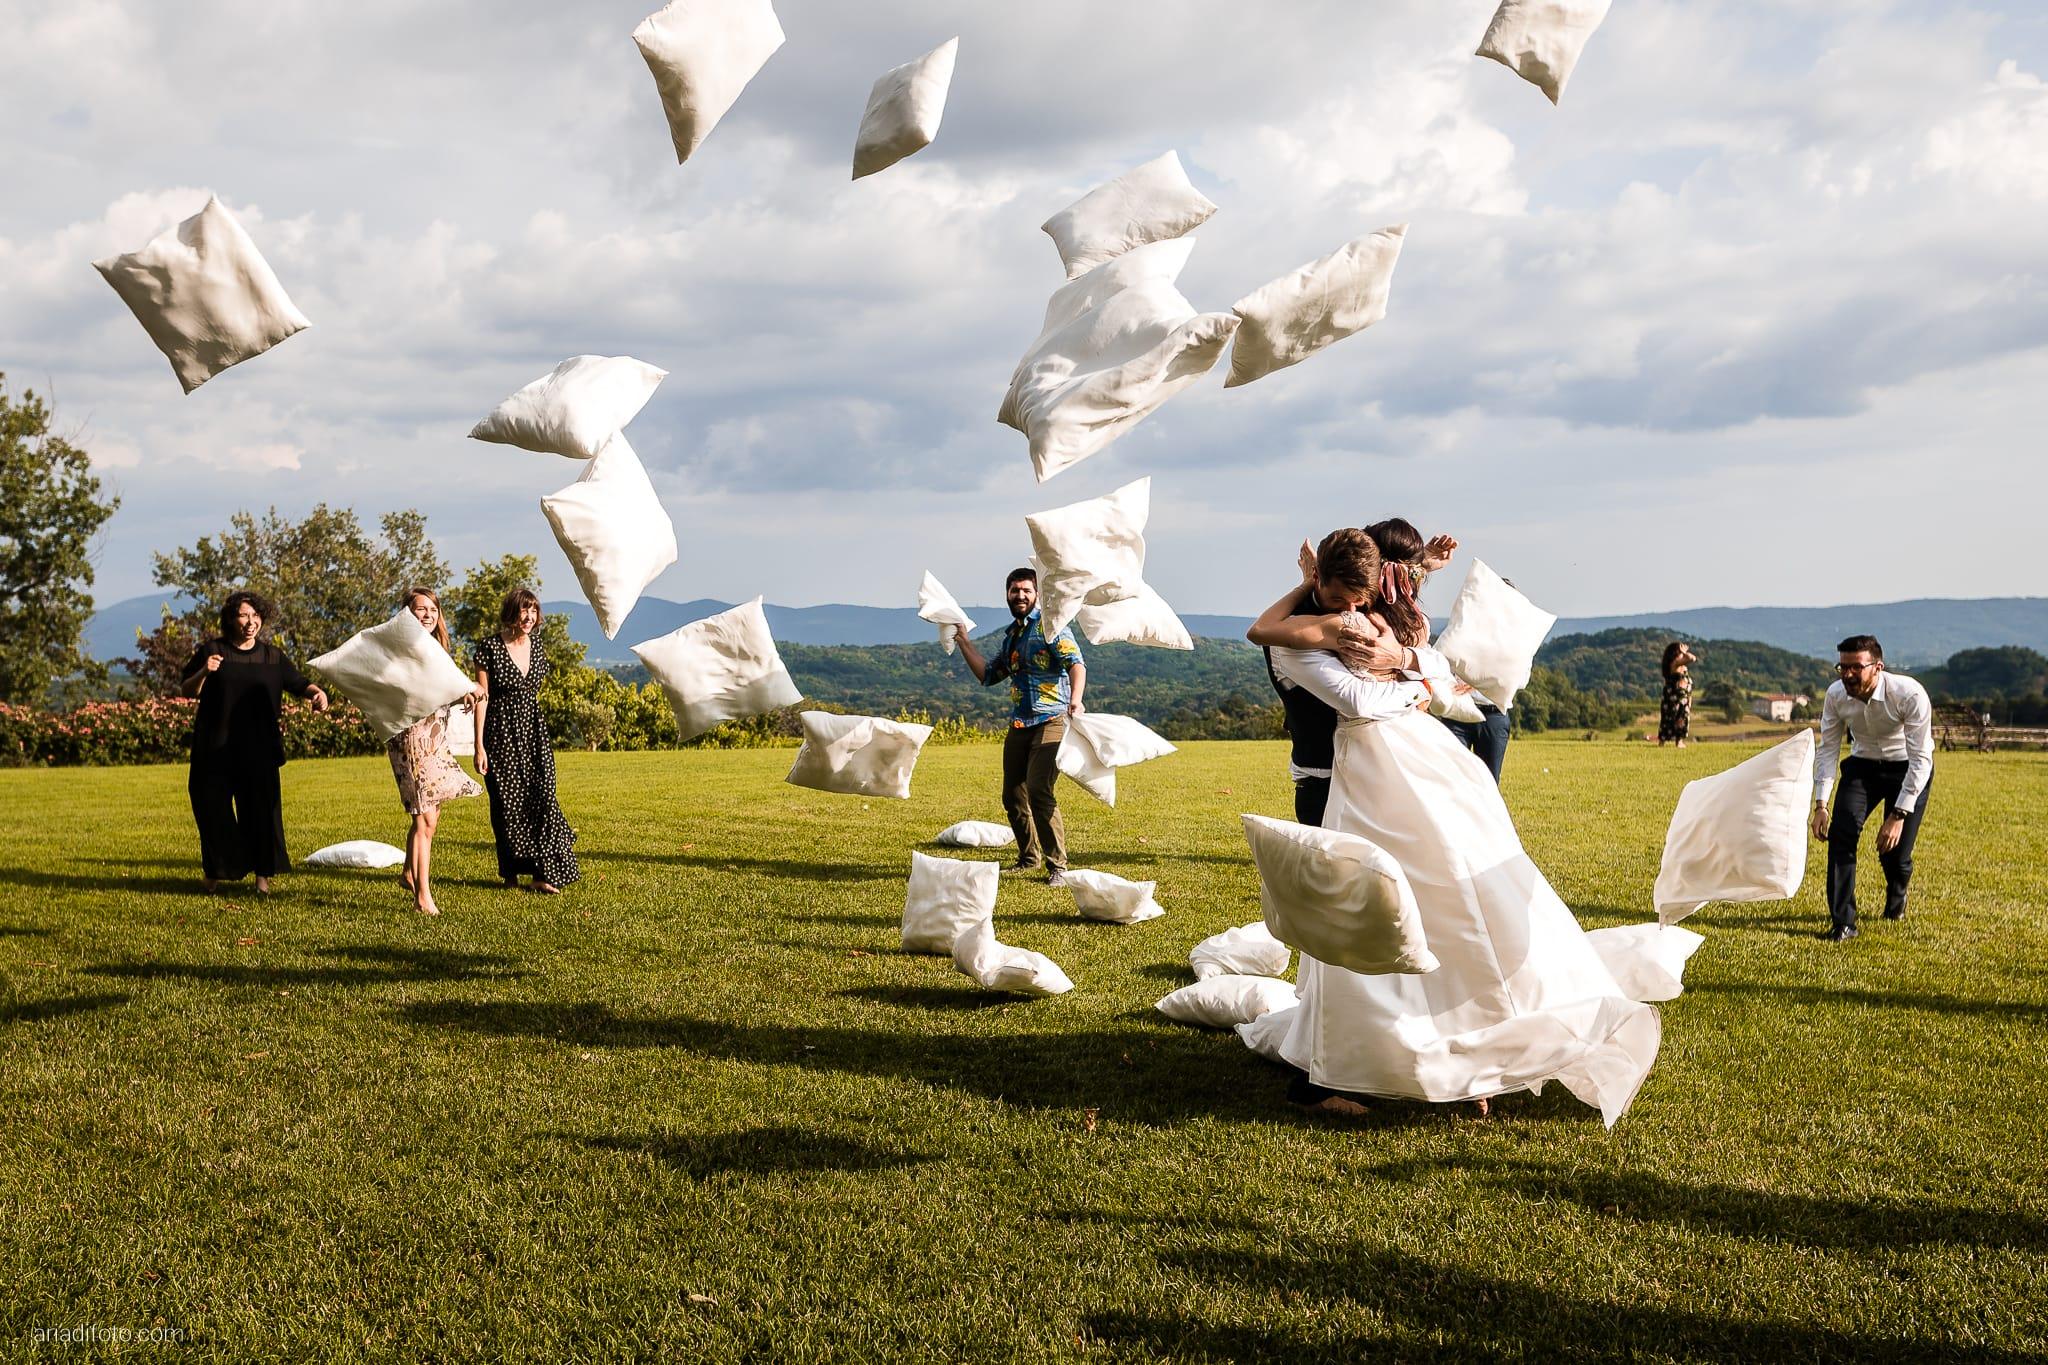 Giorgia Davide Matrimonio Muggia Trieste Baronesse Tacco San Floriano Del Collio Gorizia ricevimento momenti divertenti